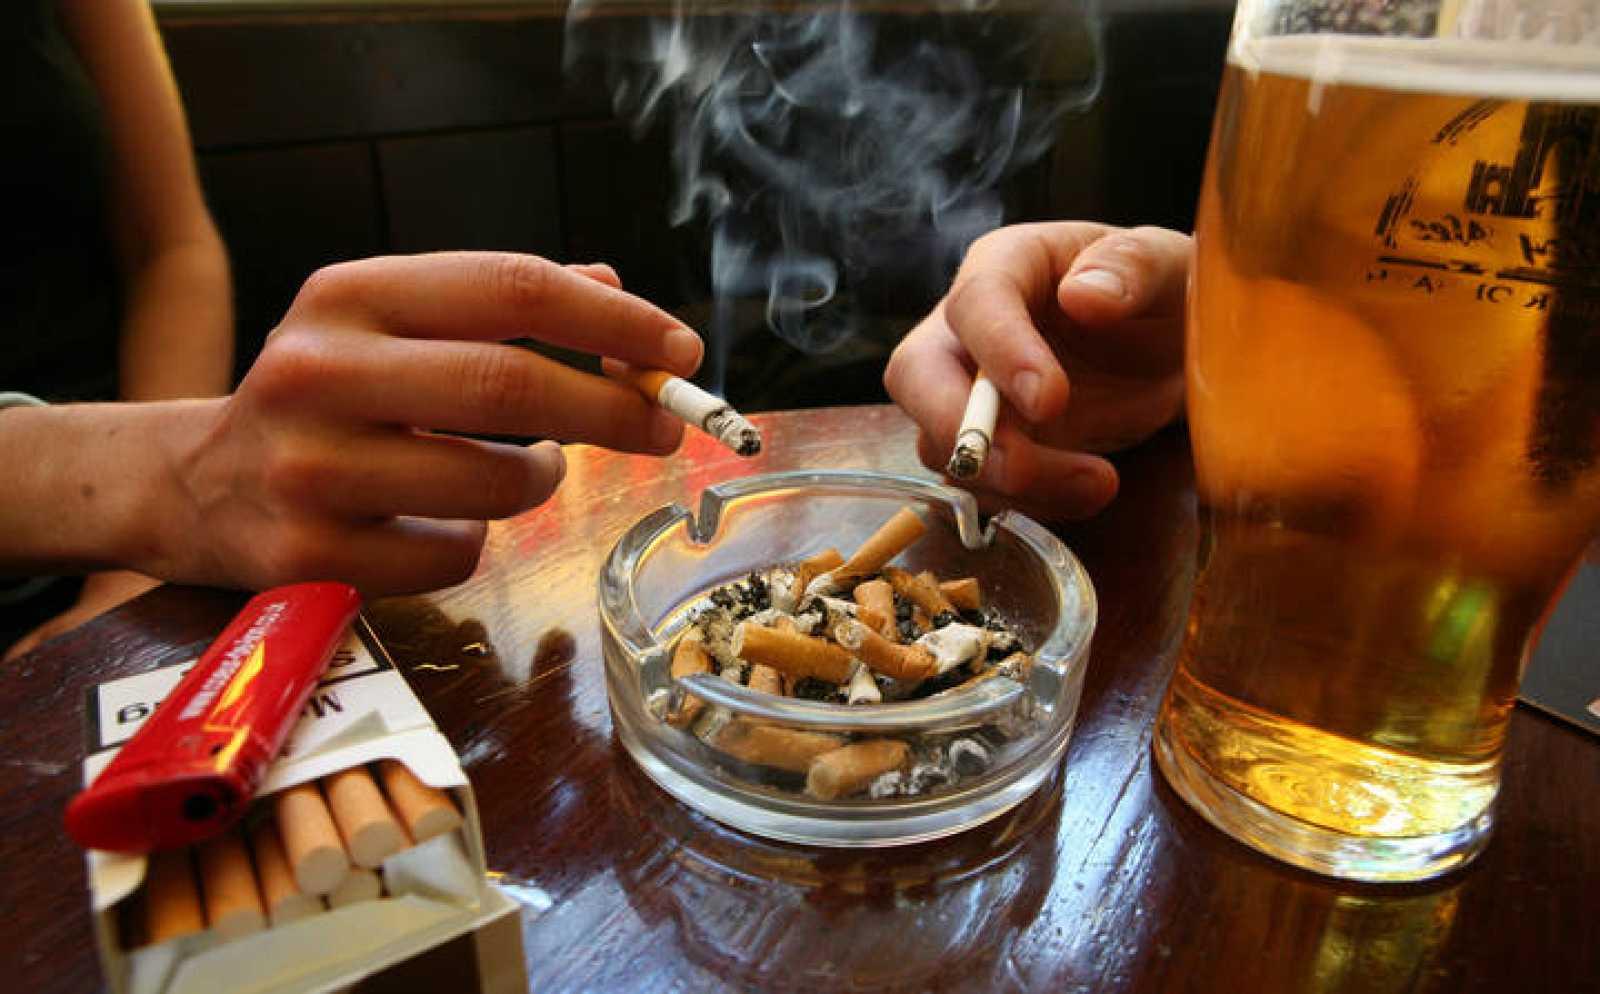 Desde el pasado 2 de enero no se puede ver esta imagen en los bares y restaurantes españoles.